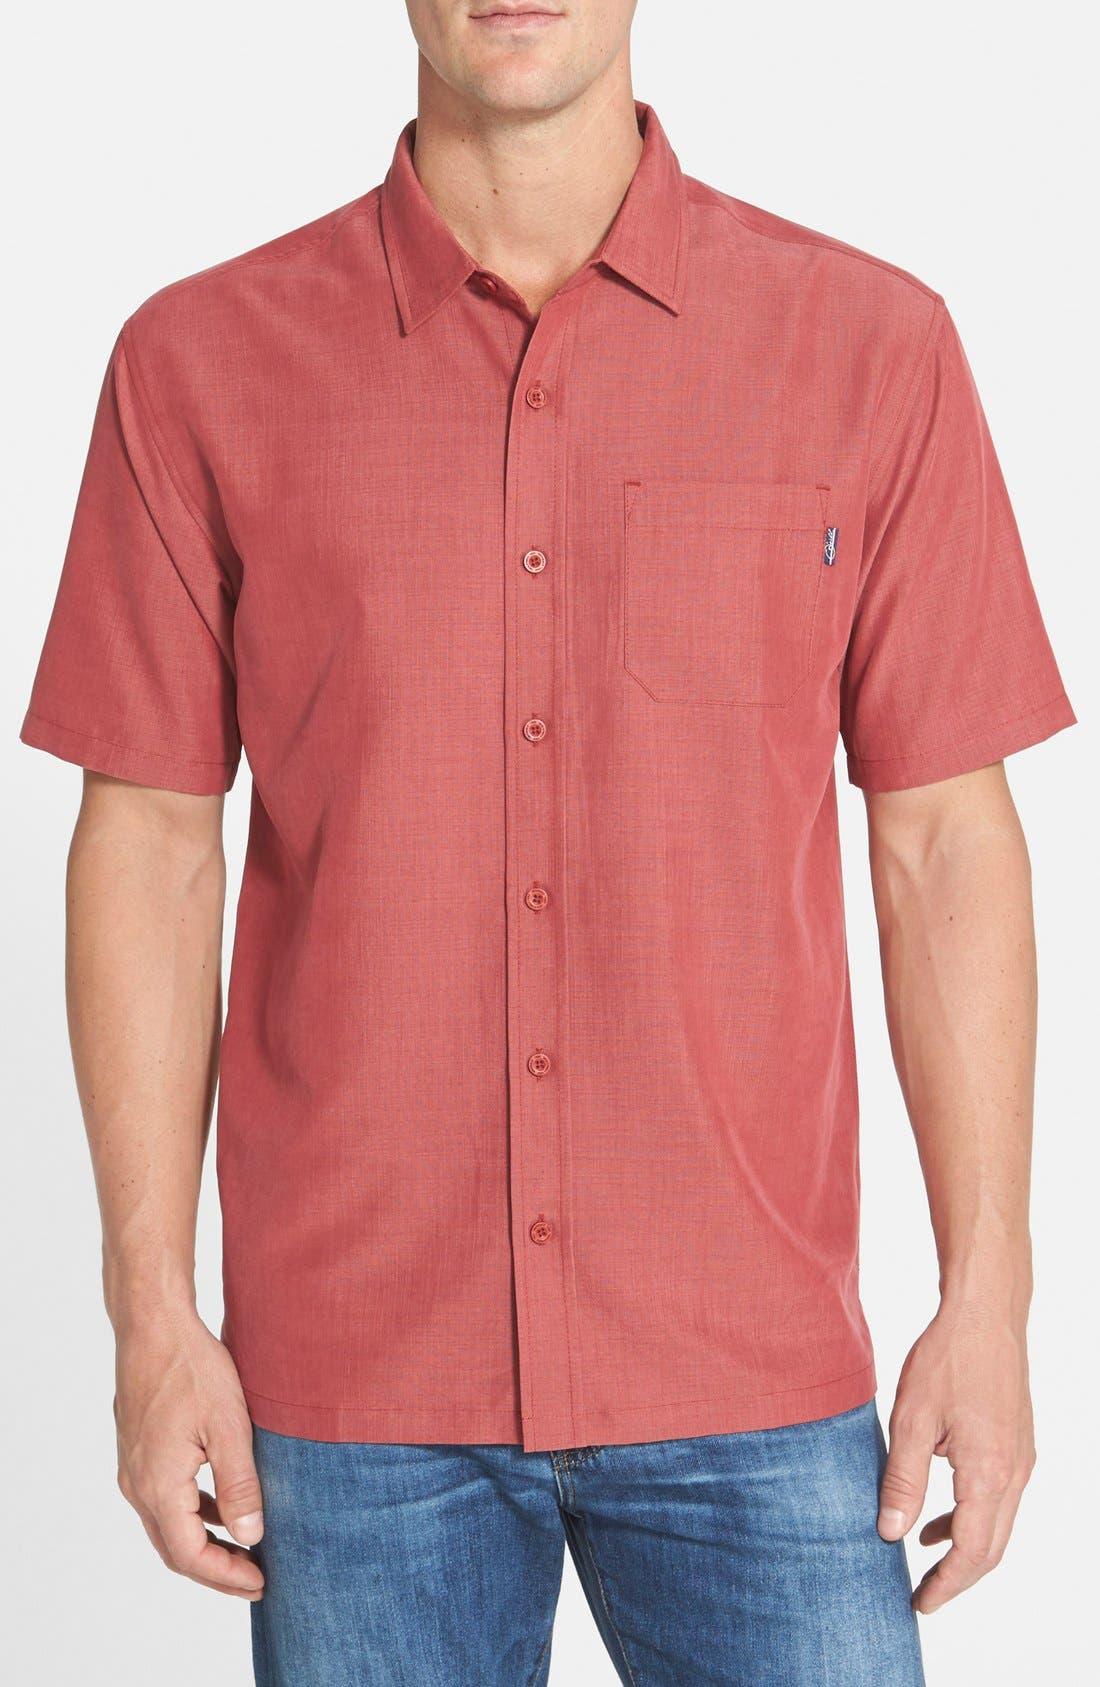 JACK ONEILL Ixtapa Slim Fit Short Sleeve Woven Sport Shirt